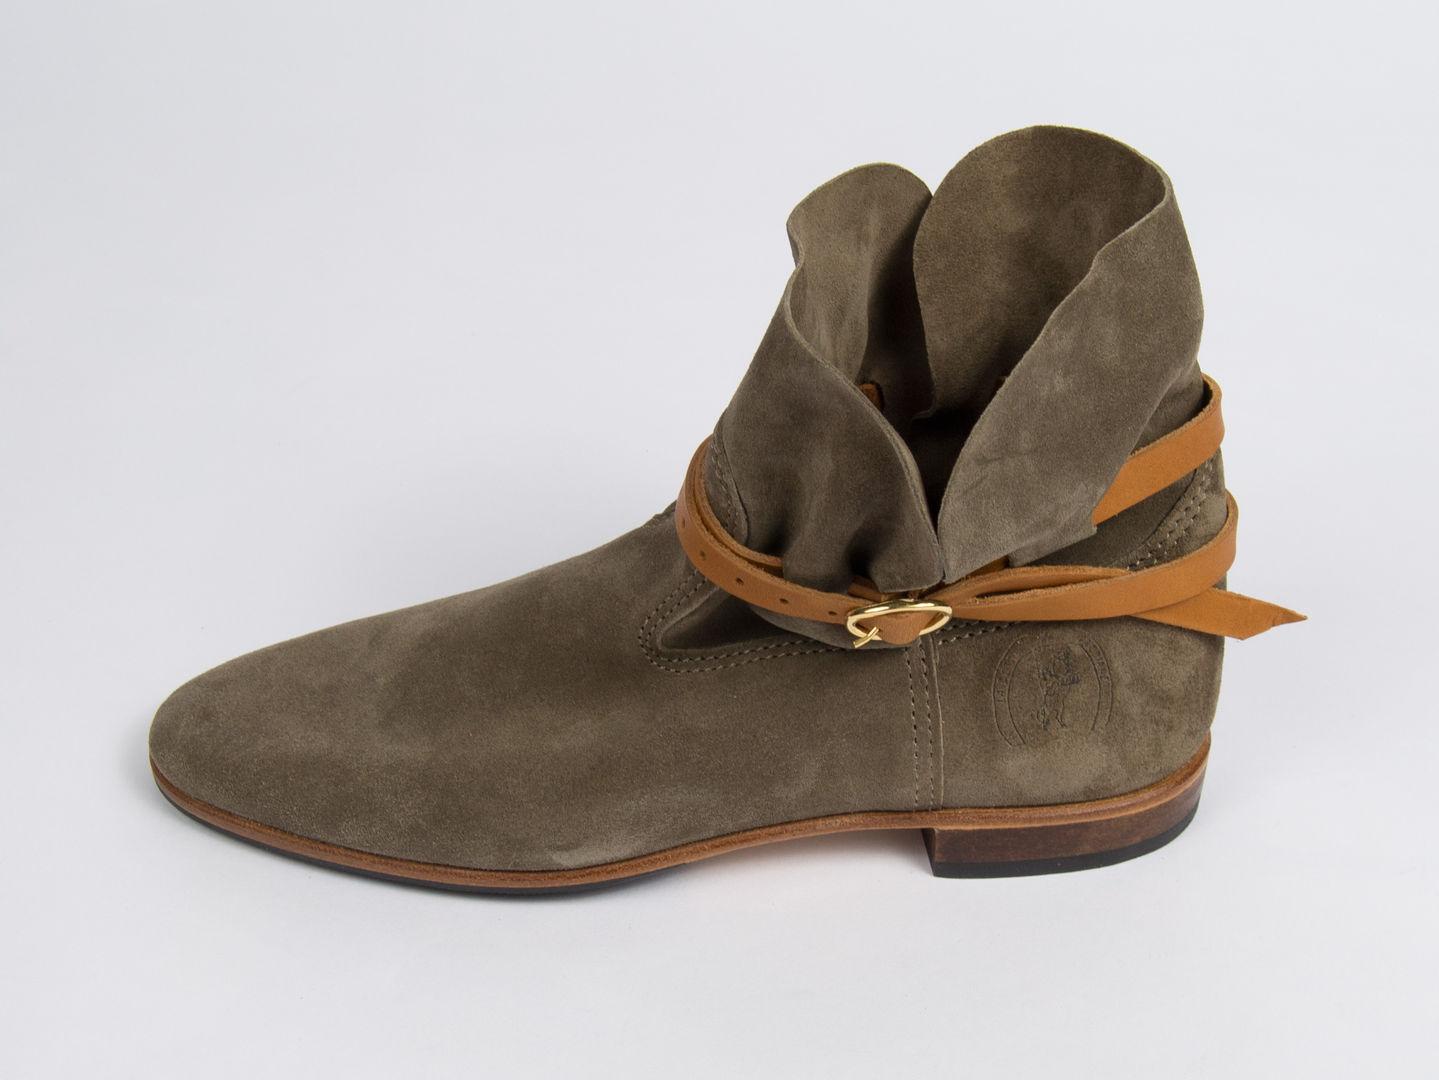 Boutique Botte FEMME LA gt; Chaussures Gardiane La gt; rPr5Y8